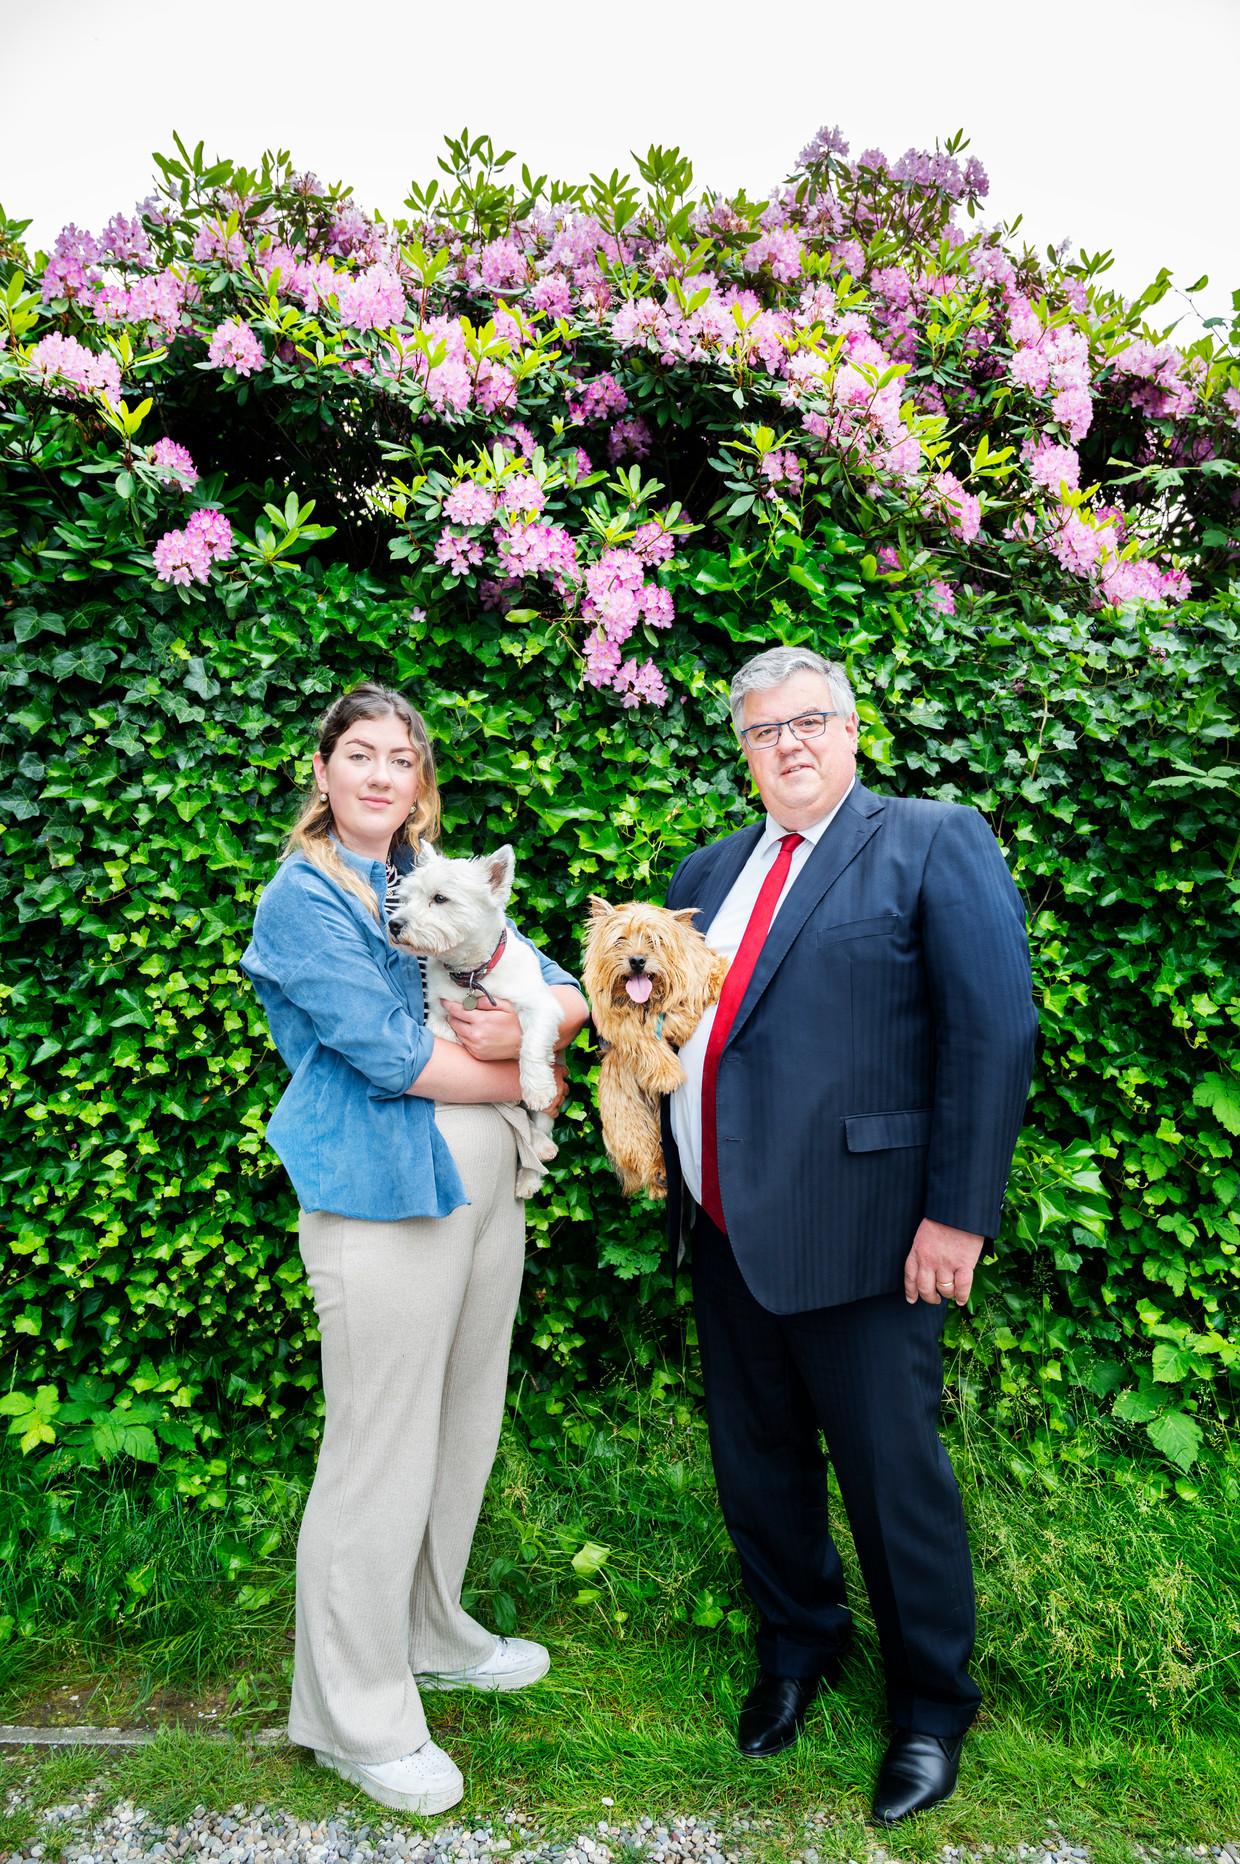 Burgemeester Hubert Bruls en zijn dochter Claire. Beeld Sanne de Wilde